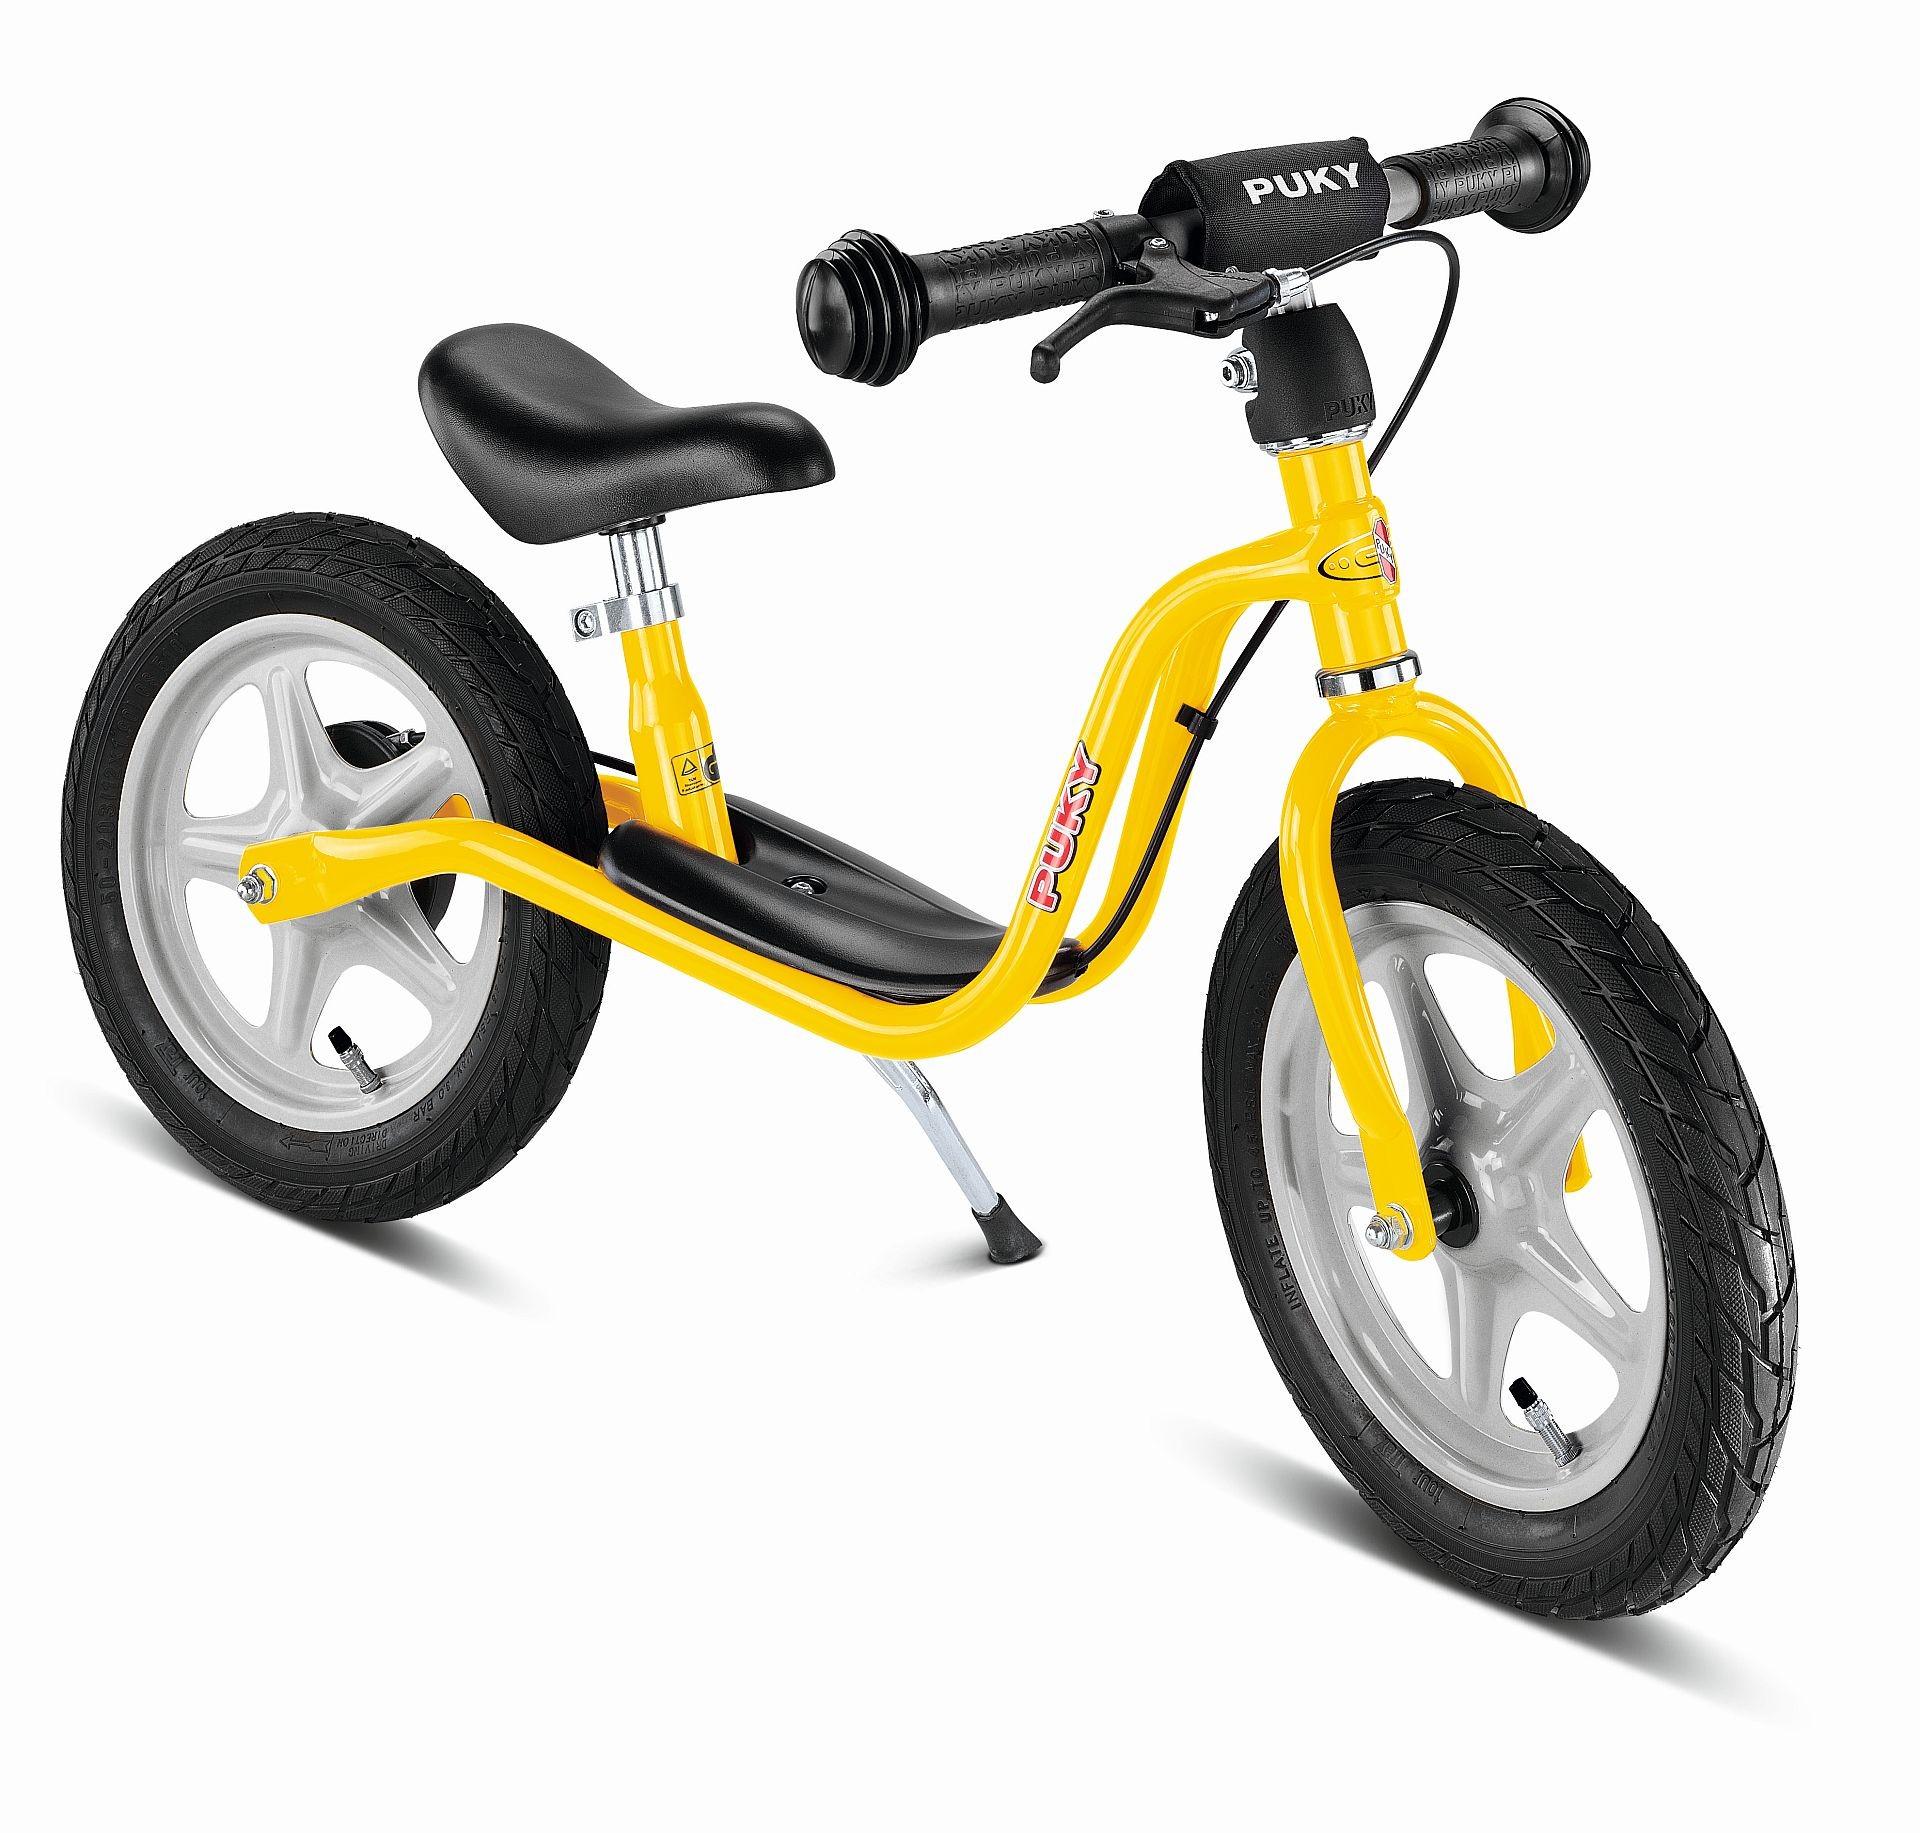 Puky Laufrad Standard mit Bremse gelb